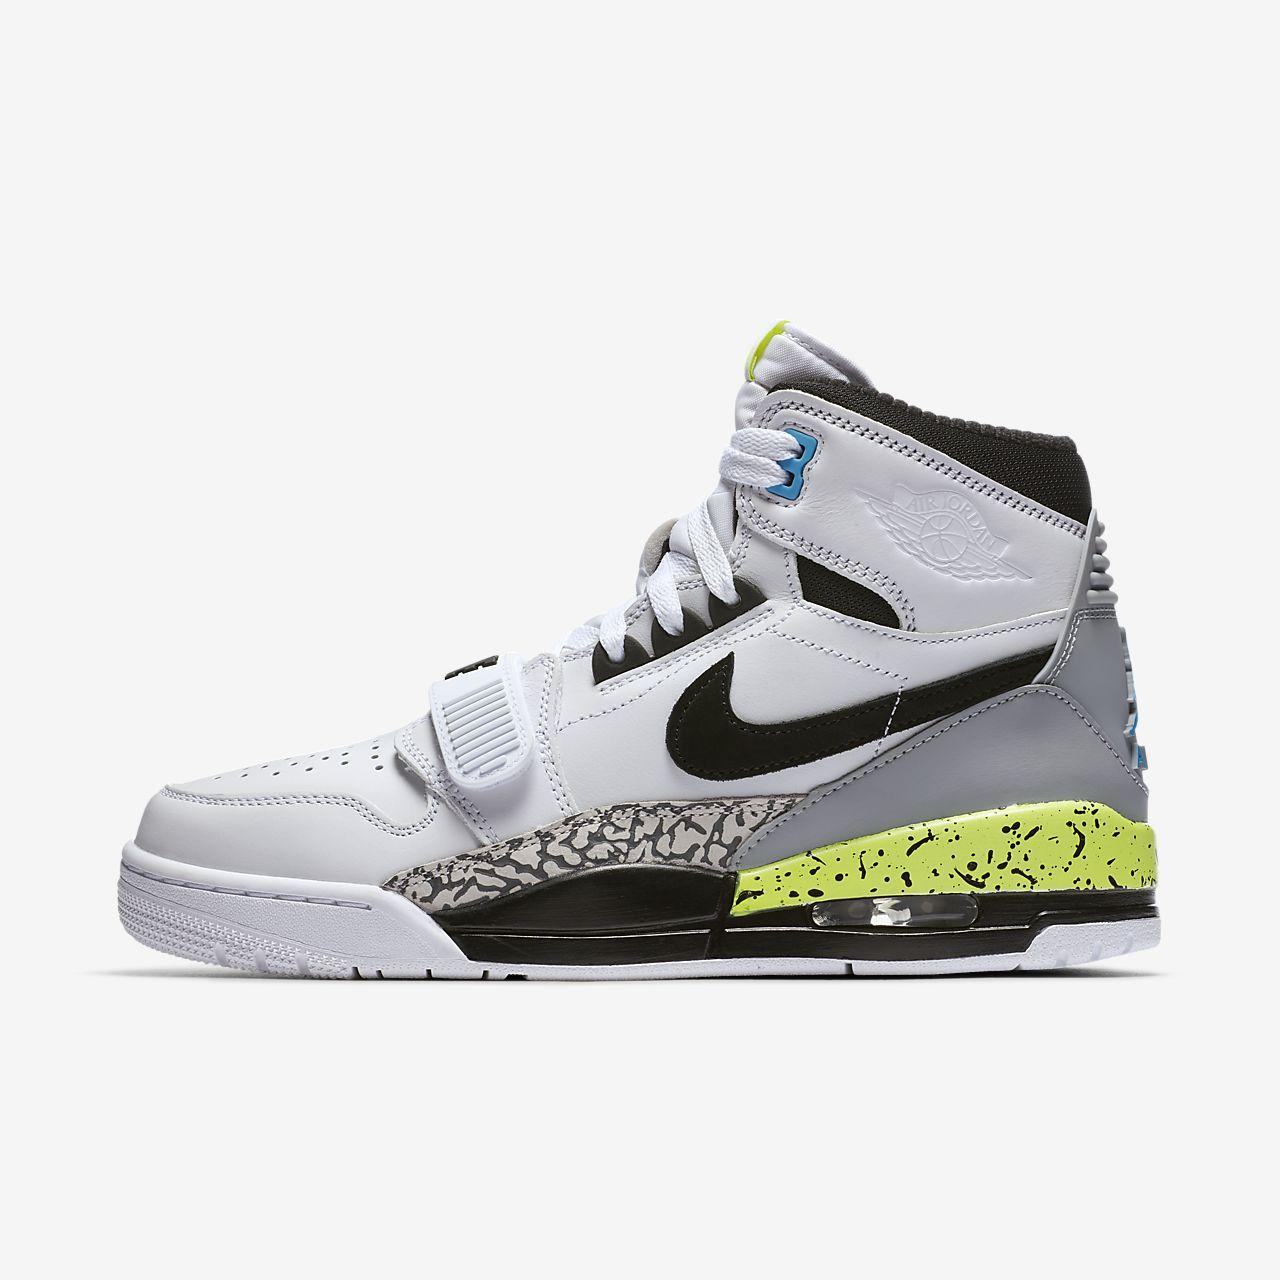 38275205 мужские кроссовки Air Jordan Legacy 312 Nikecom Ru